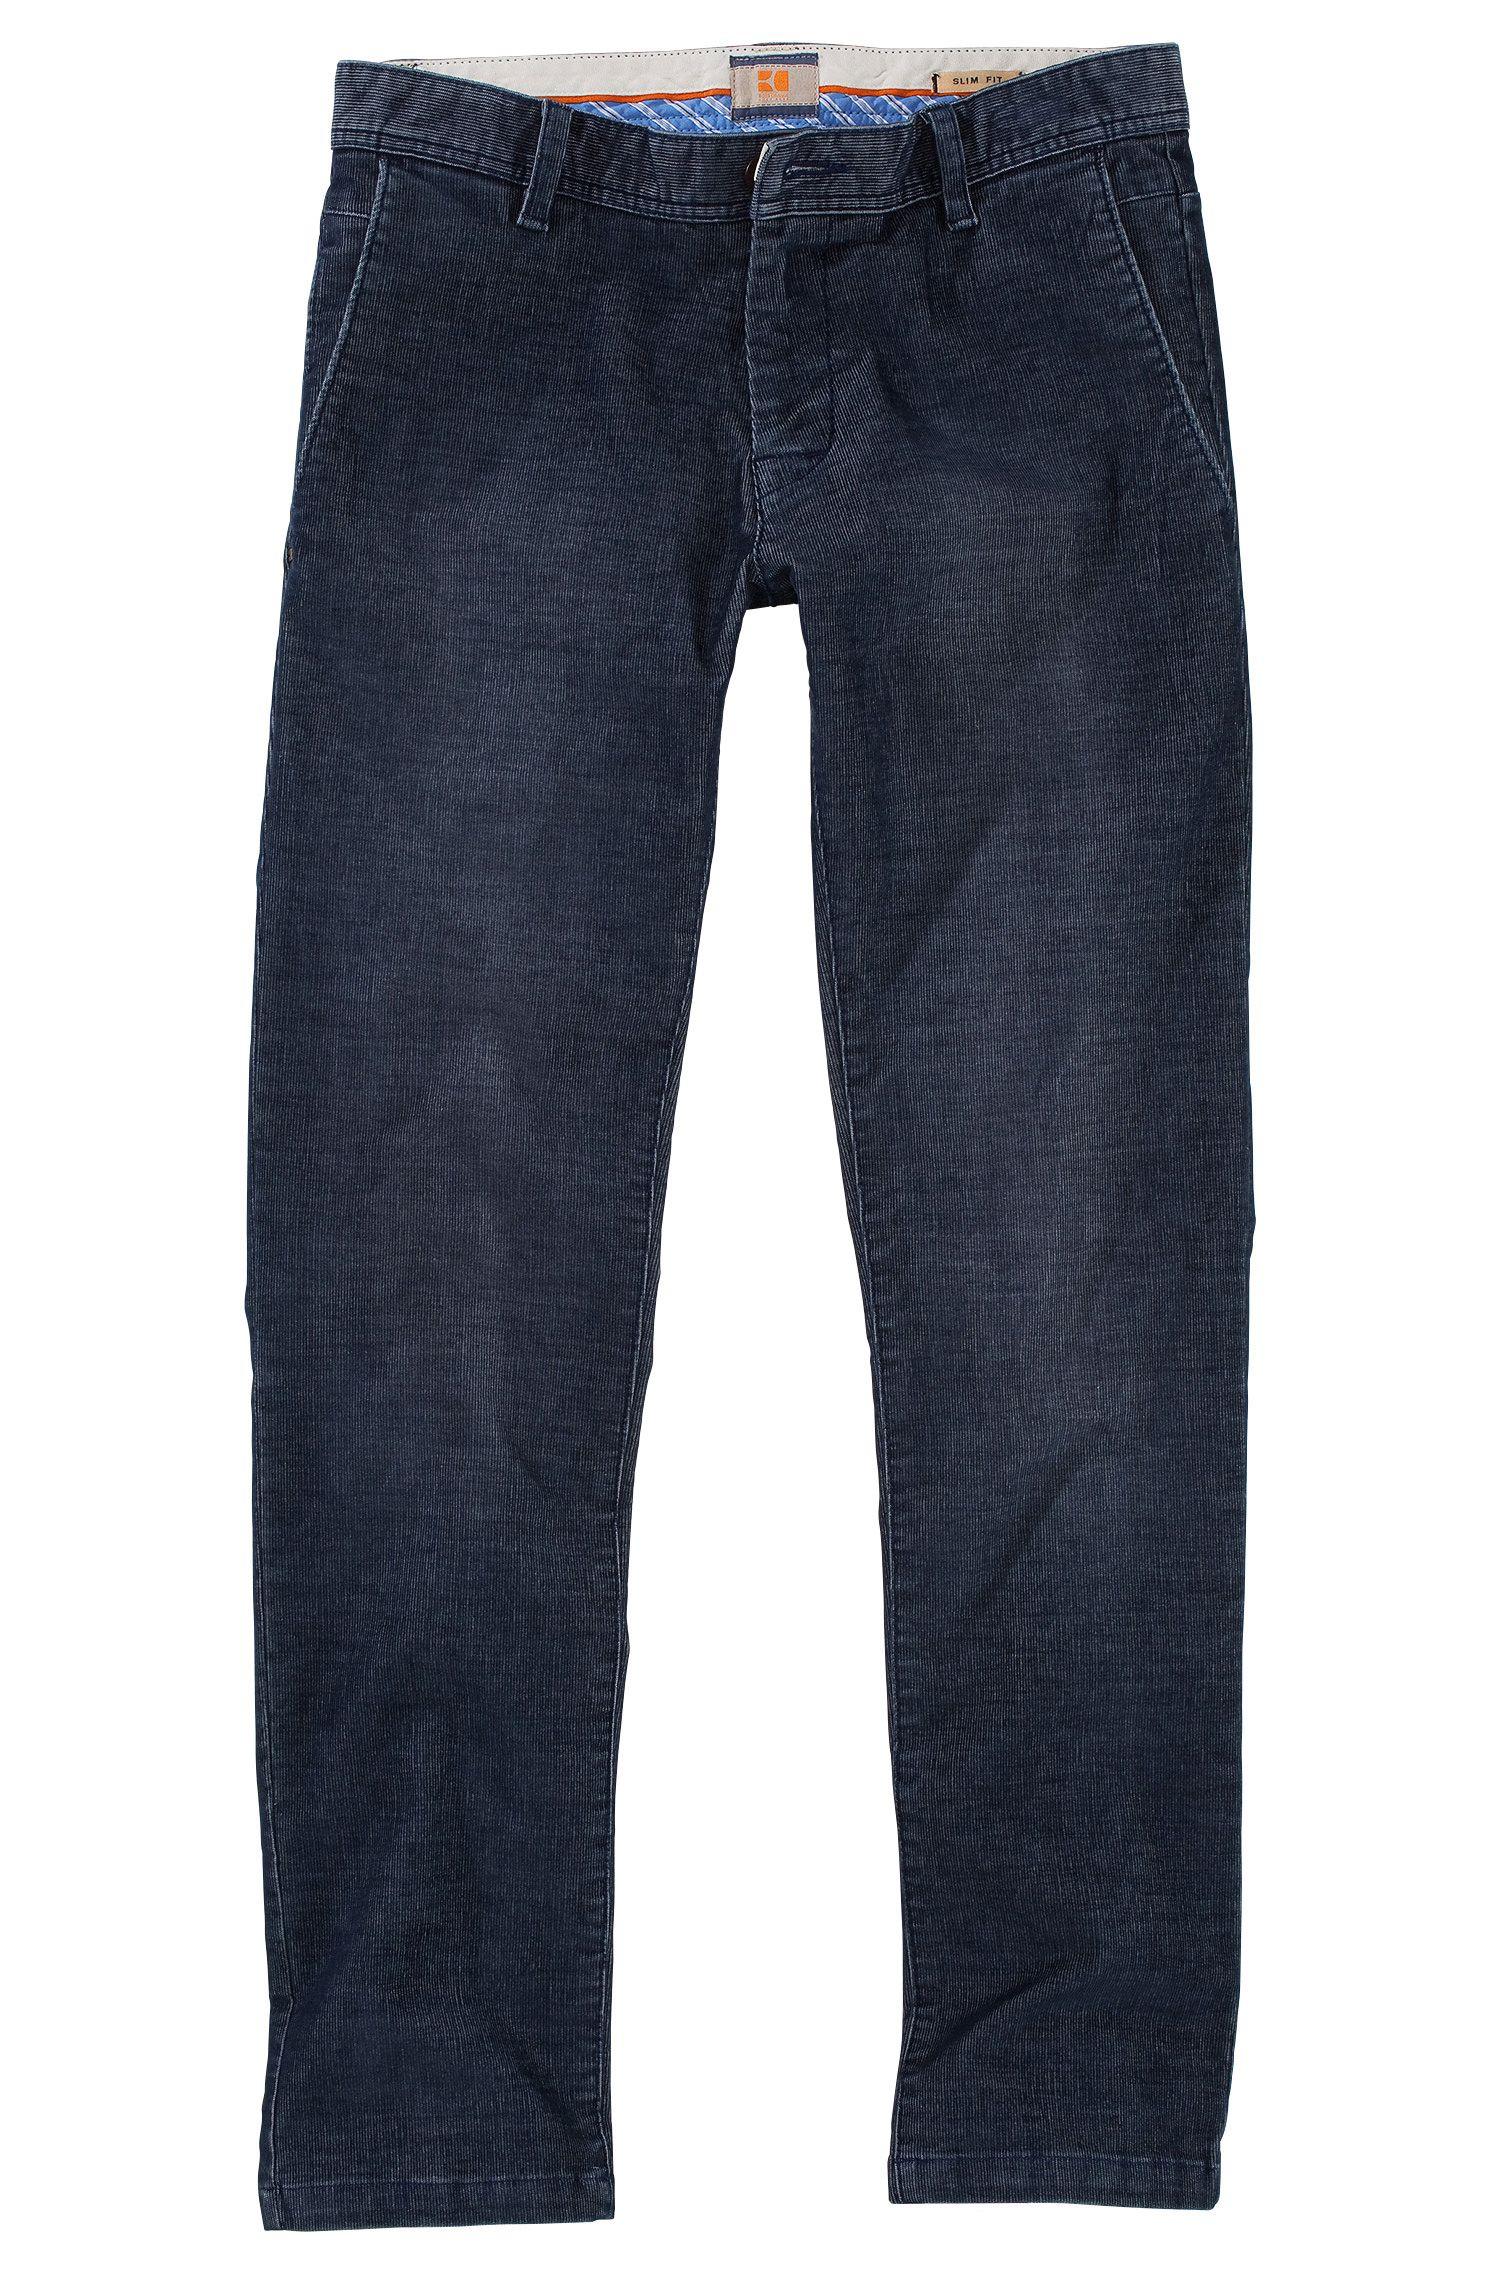 Pantalon Slim Fit en velours côtelé, Sairy3-W